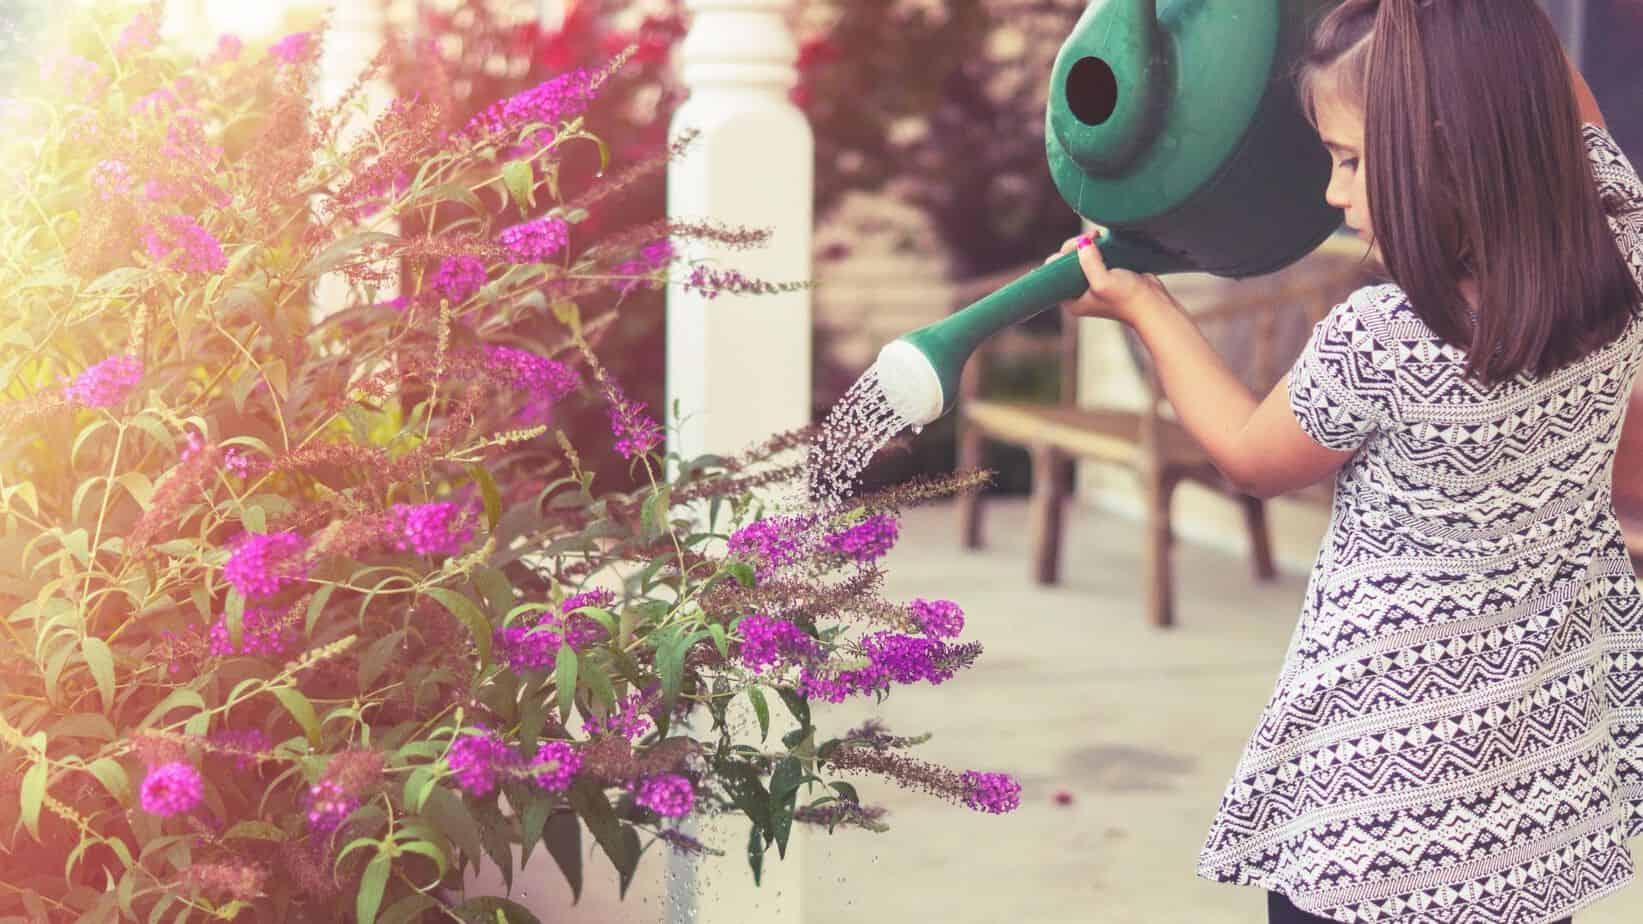 gardening fun with kids tips